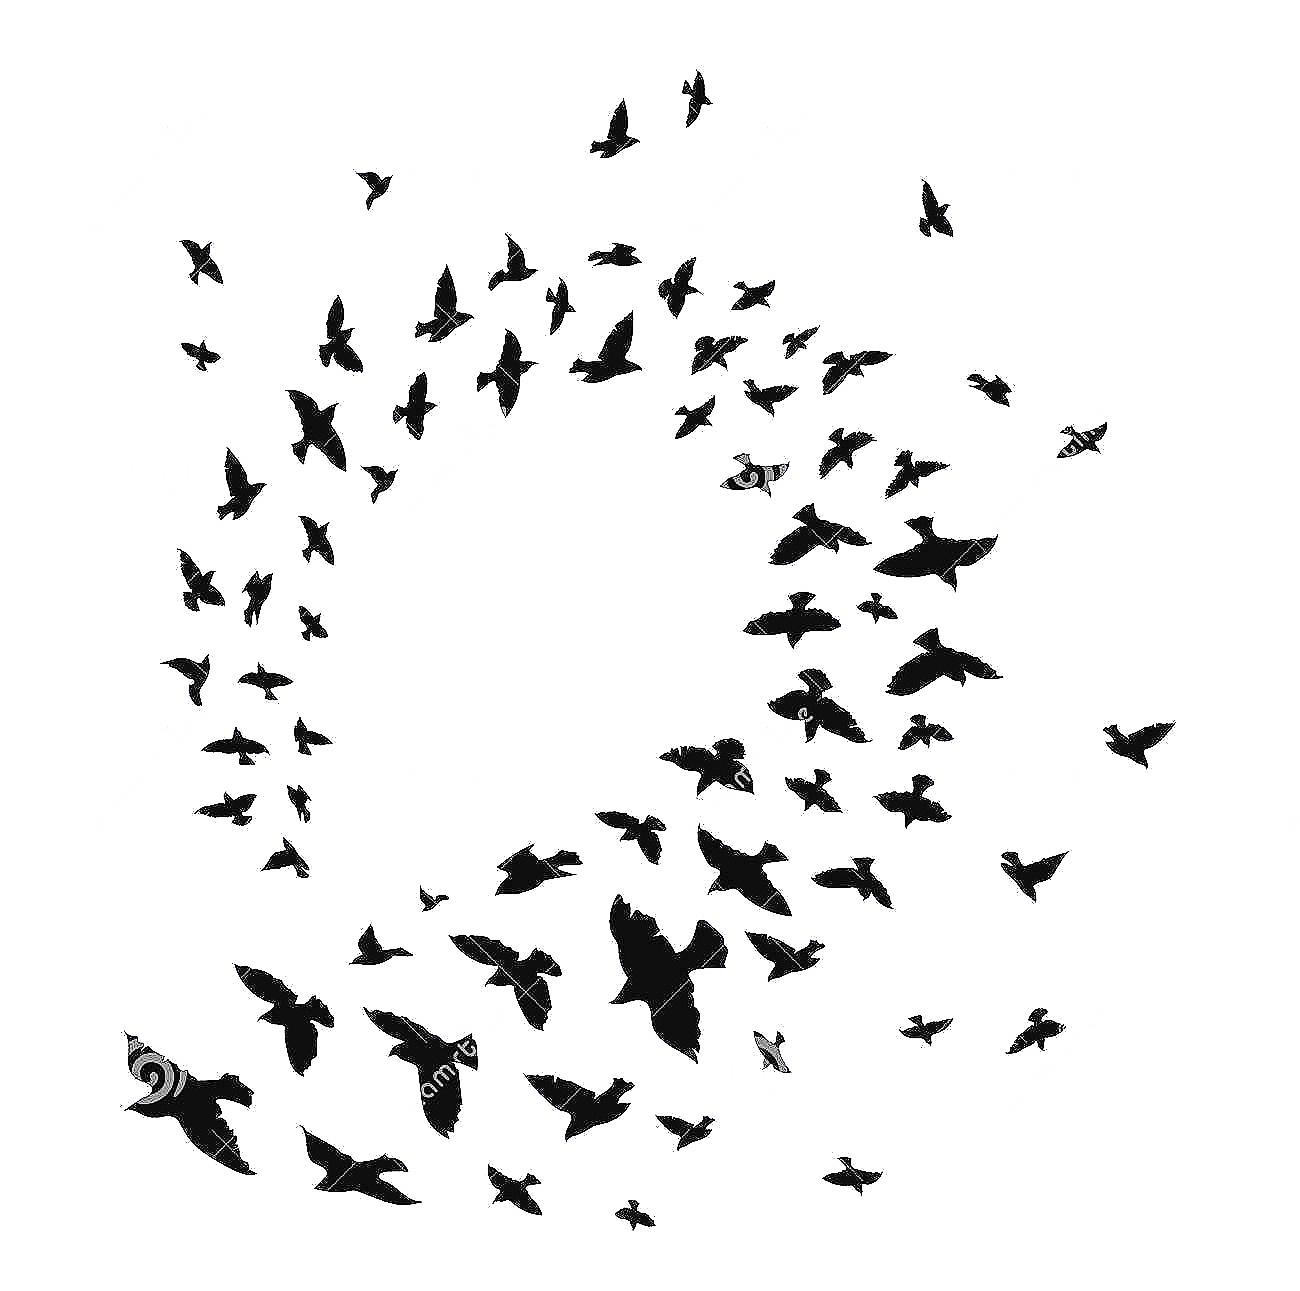 पक्षी या चिडिया झुंड में ही क्यों उड़ान भरते हैं ? वैज्ञानिक कारण by : Possibilityplus.in